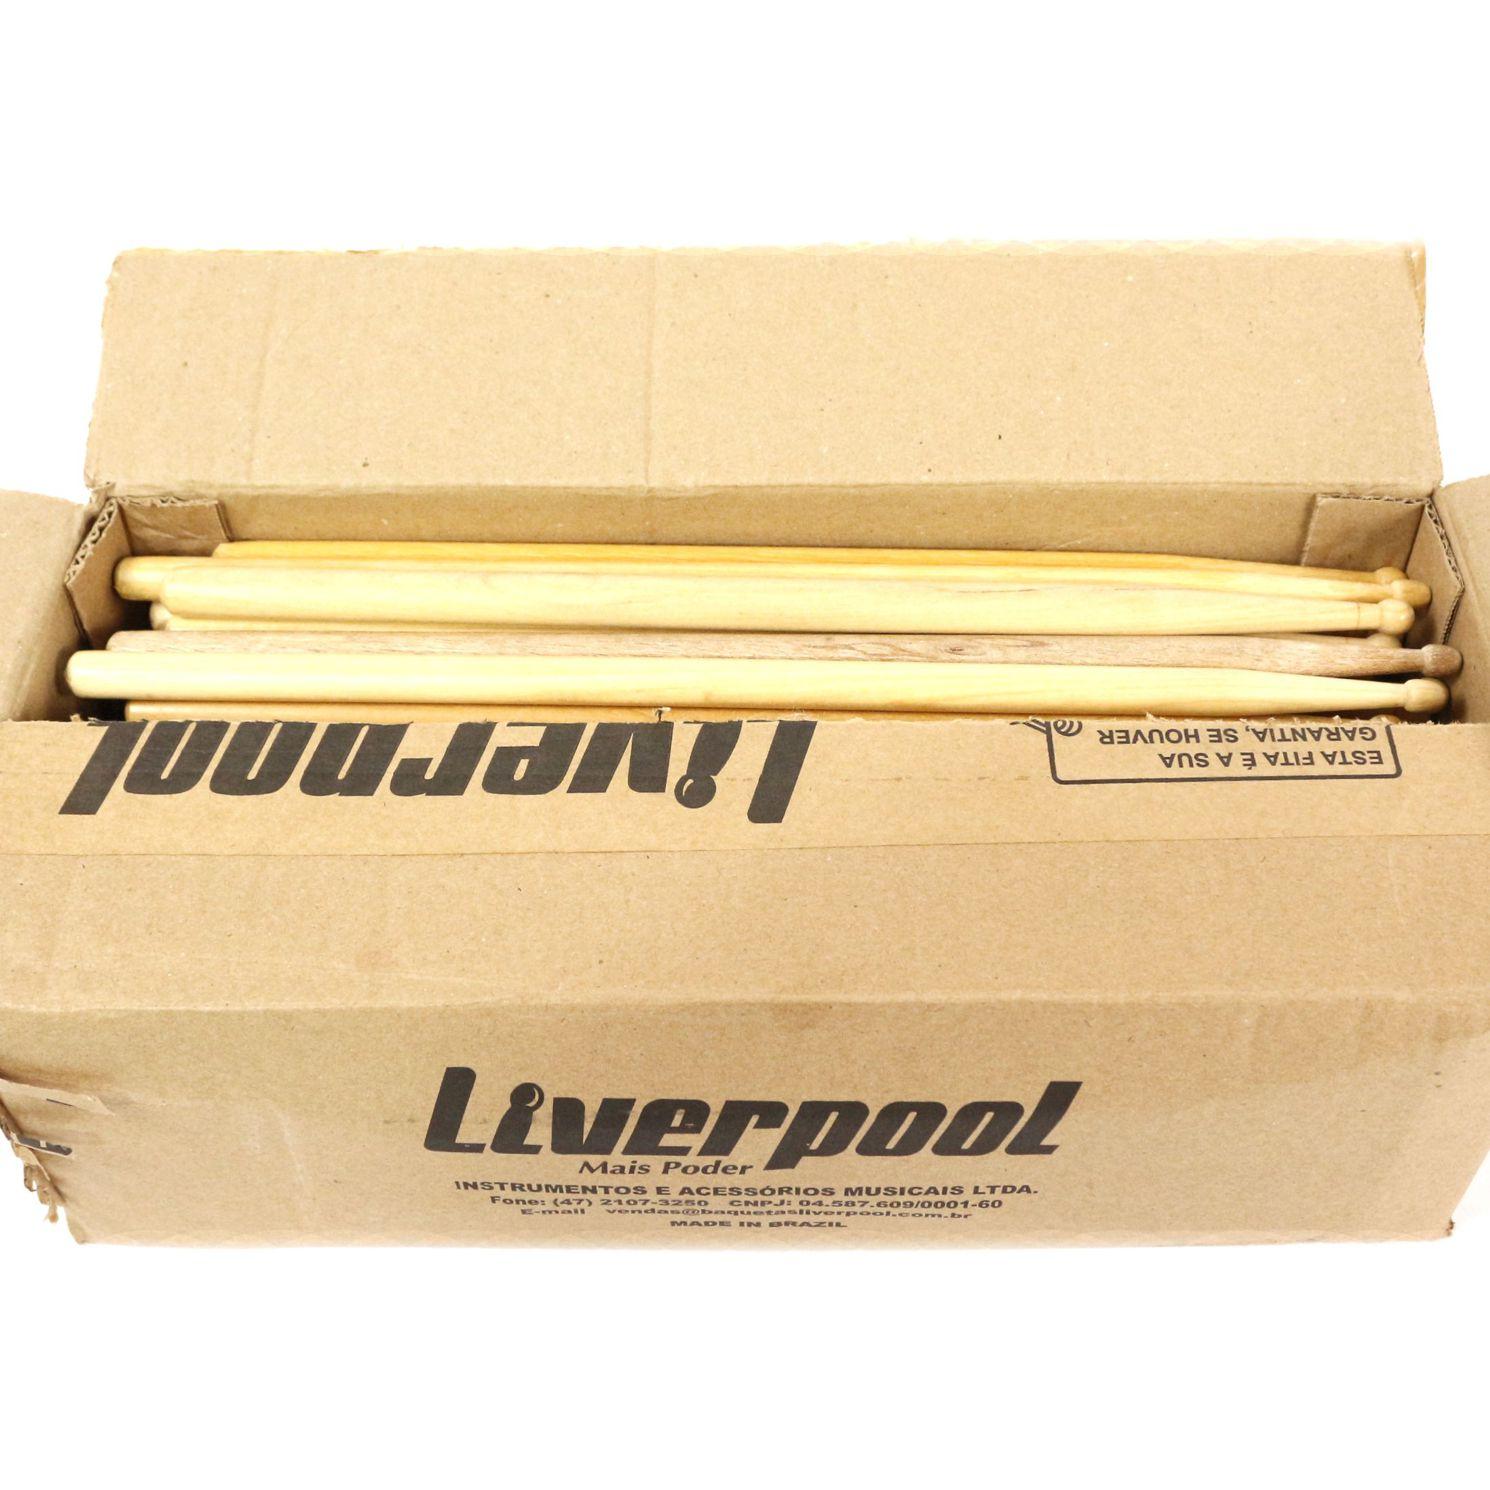 Baquetas Liverpool Ponta de Estoque - Caixa com 100 Unidades Sortidas